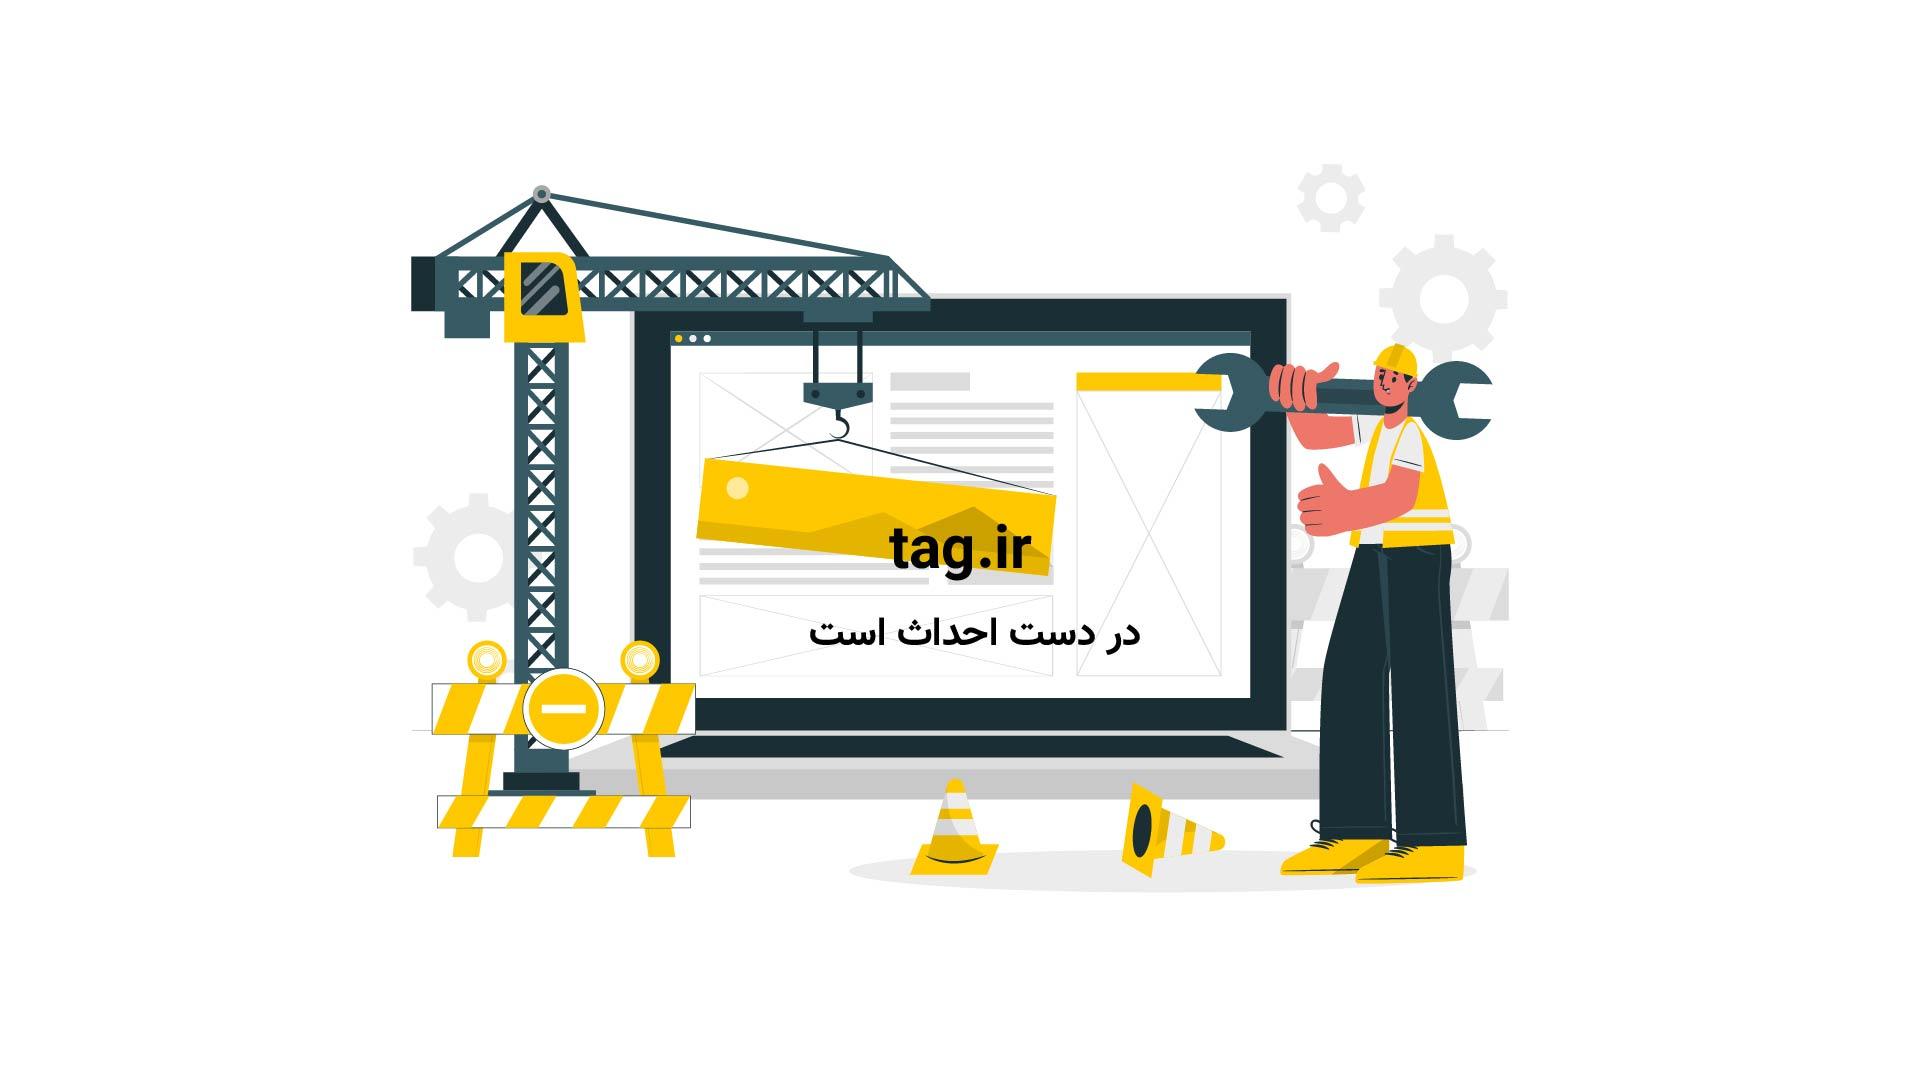 انتقال قربانیان و مصدومان تیراندازی فرودگاه فلوریدا به بیمارستان | فیلم